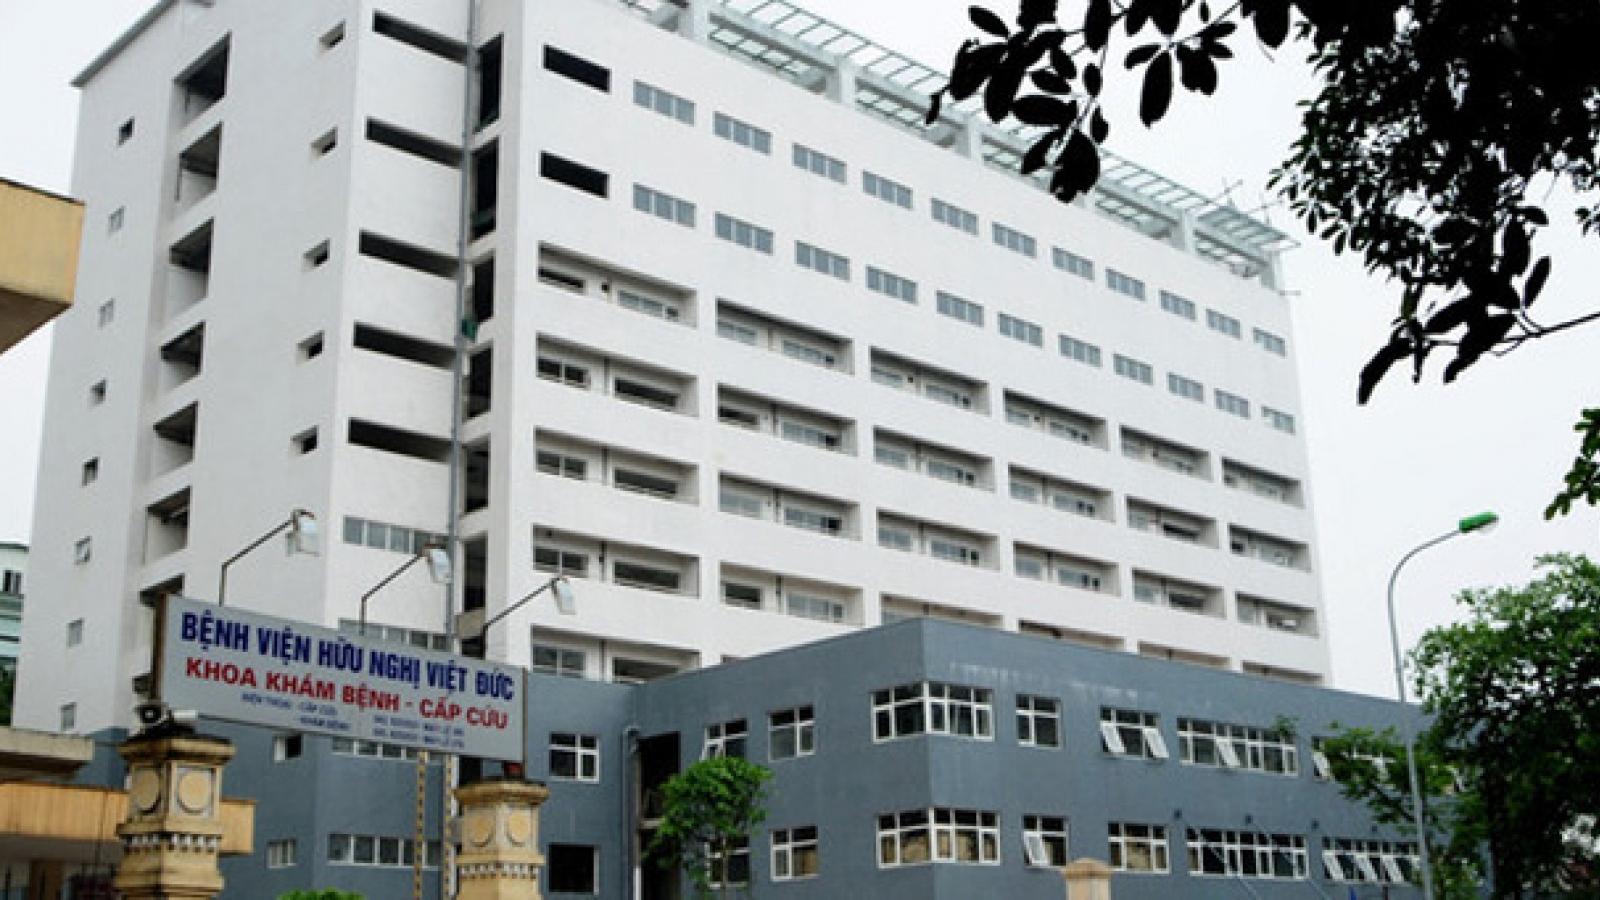 Một người đàn ông tử vong khi rơi từ tầng 5 bệnh viện Việt Đức